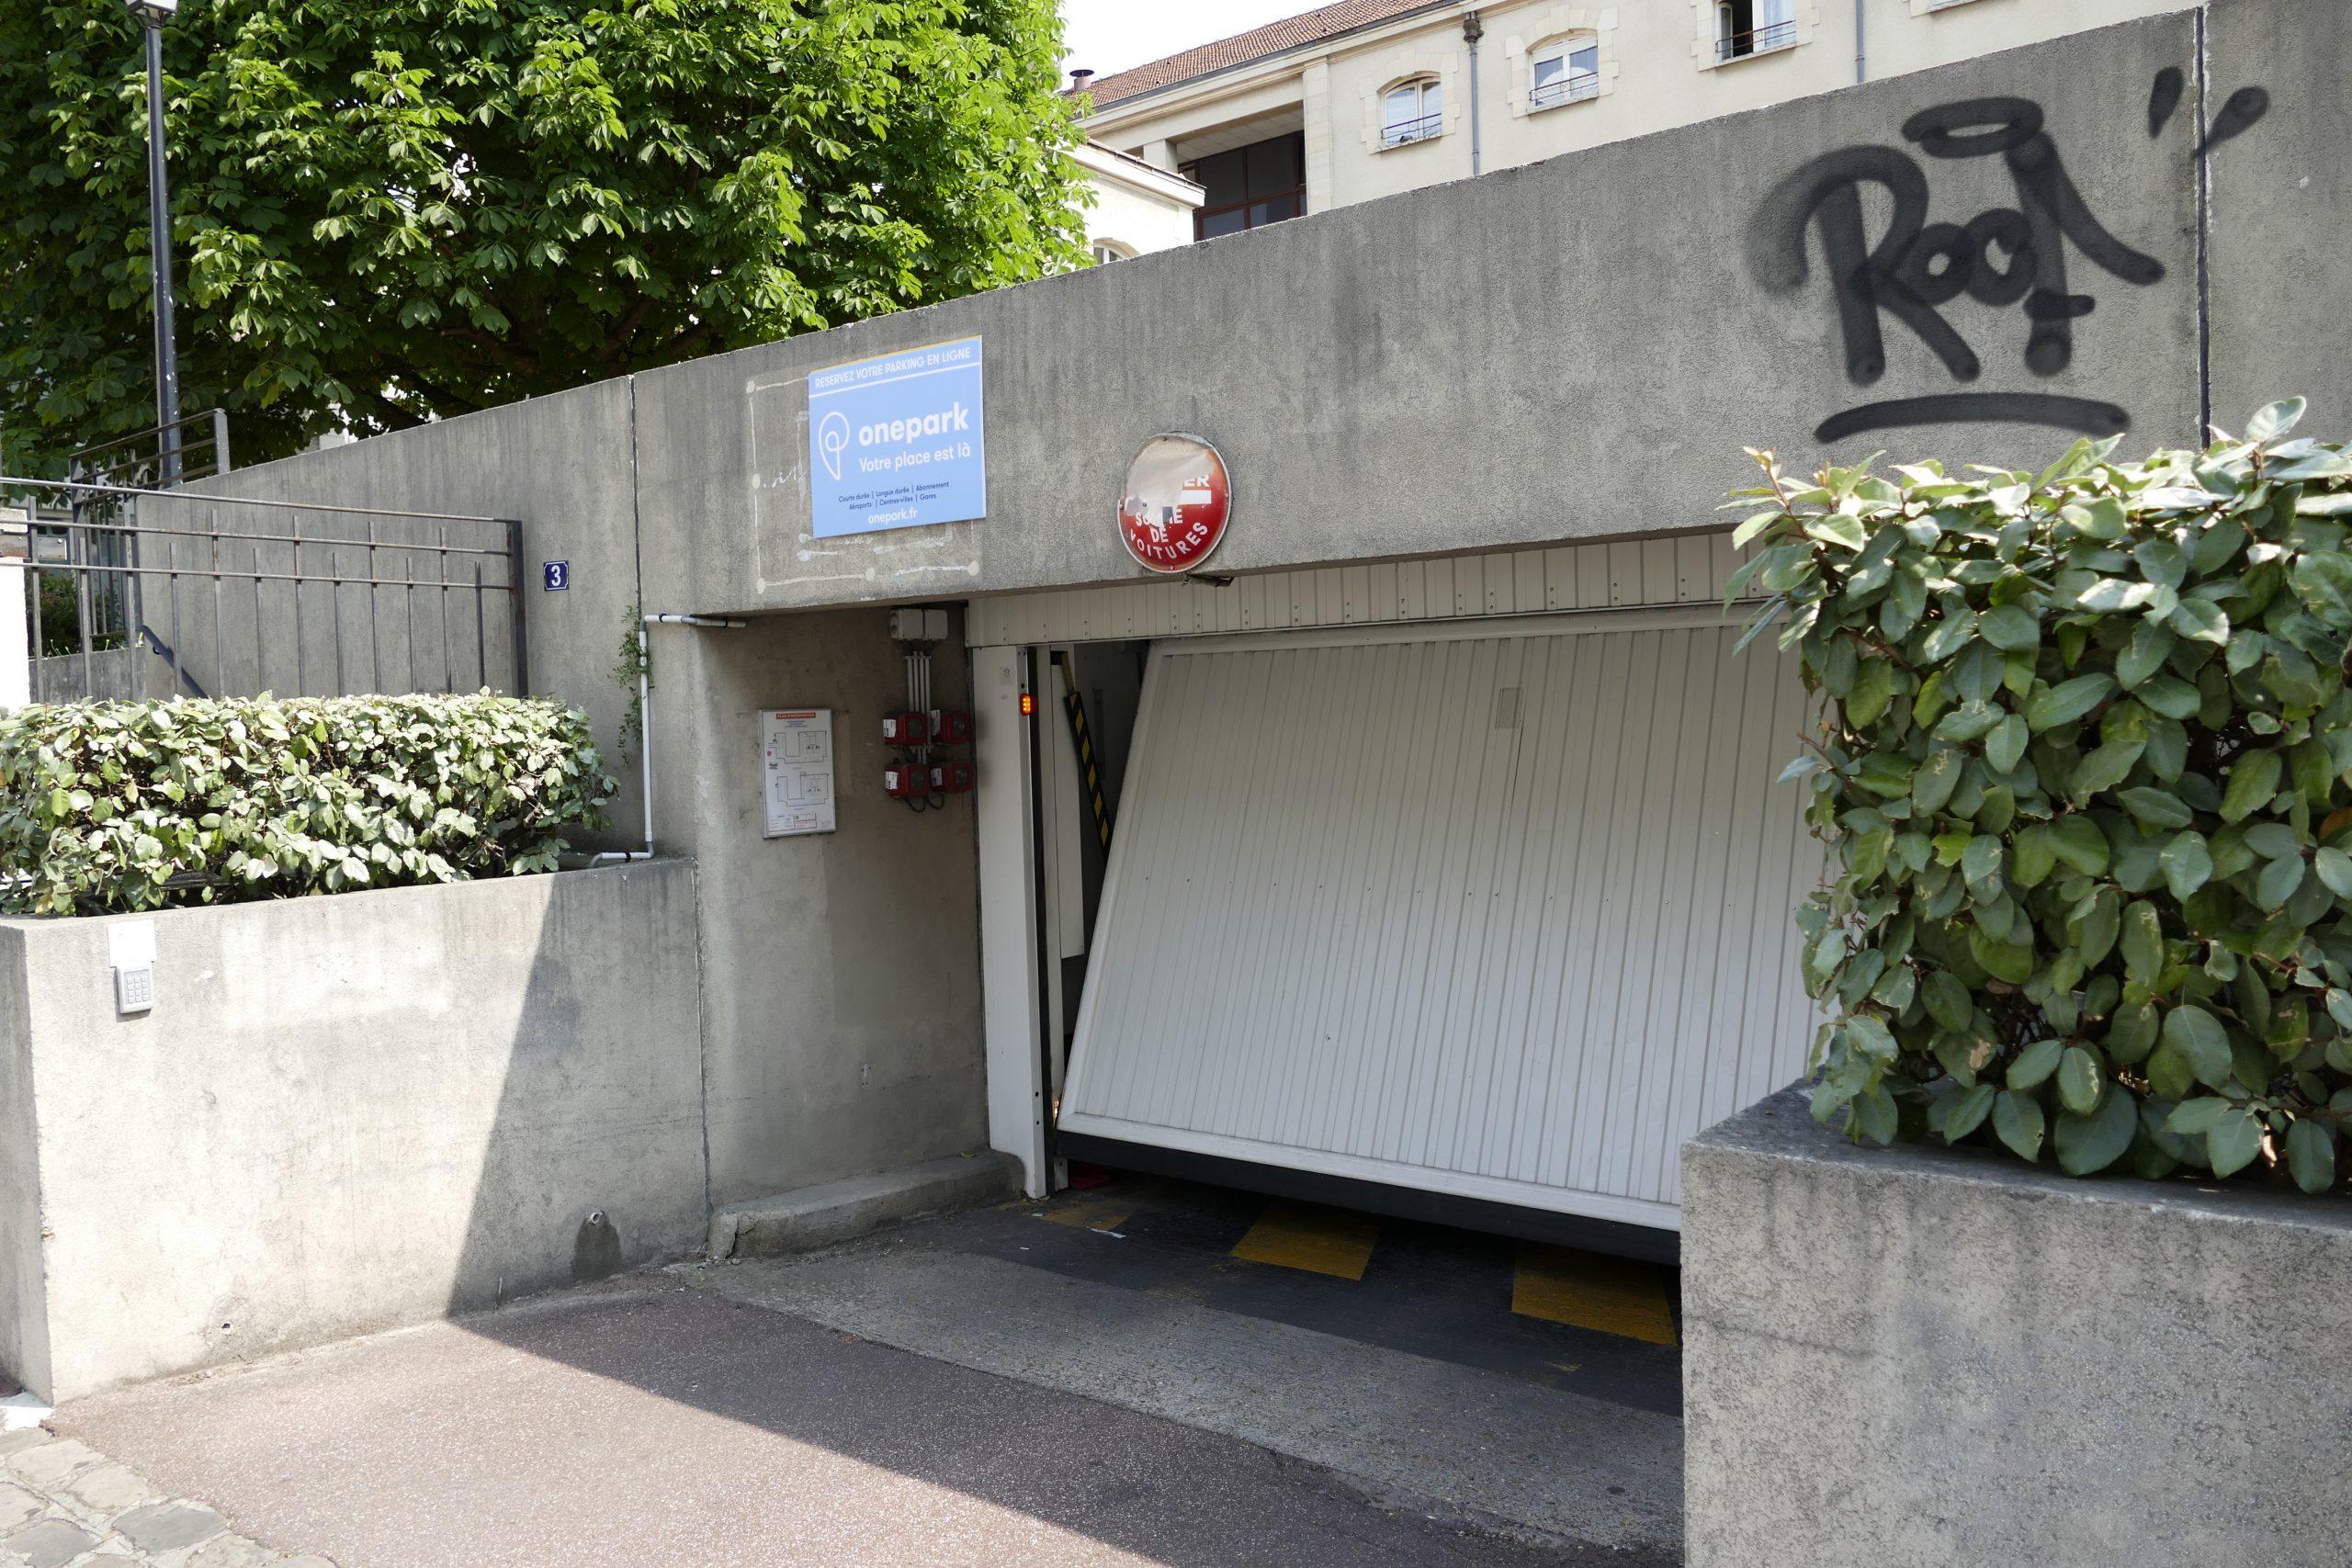 parking à louer avec onepark